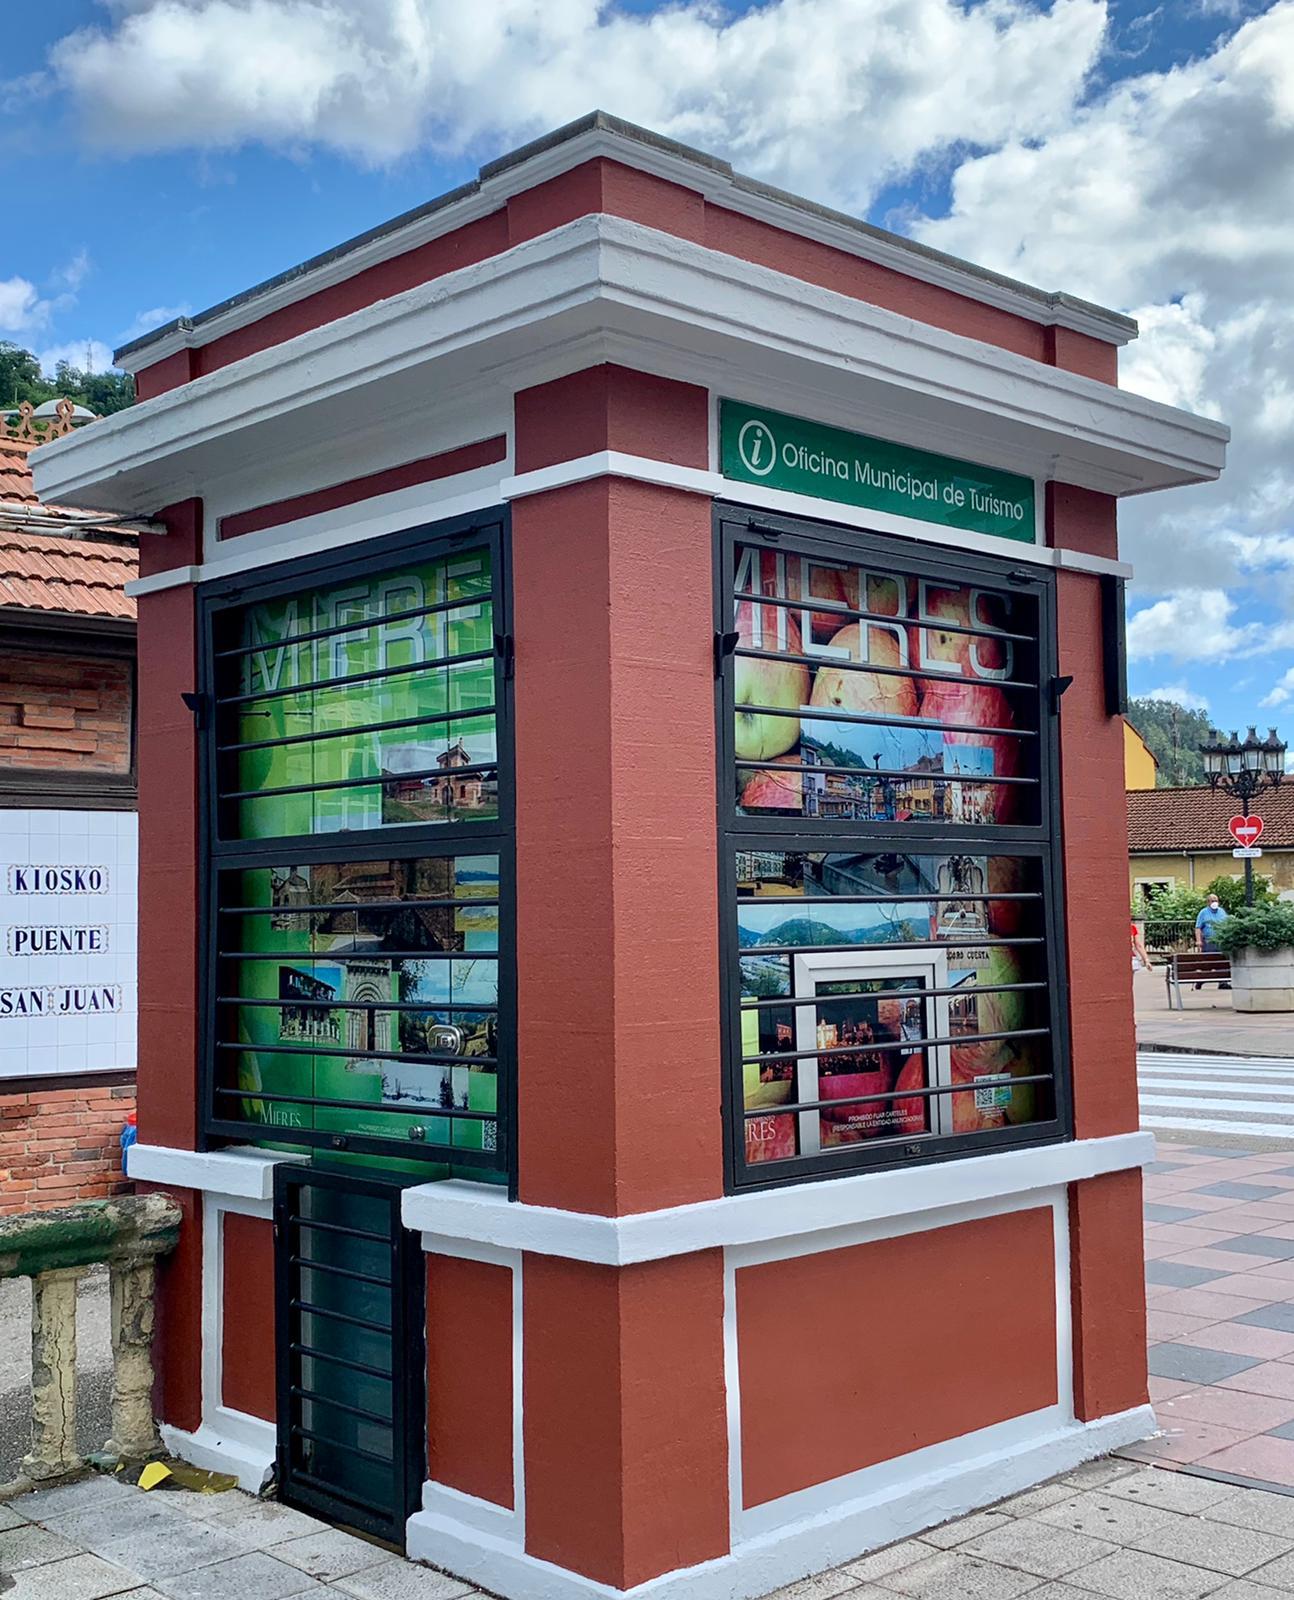 Kiosko Oficina Turismo